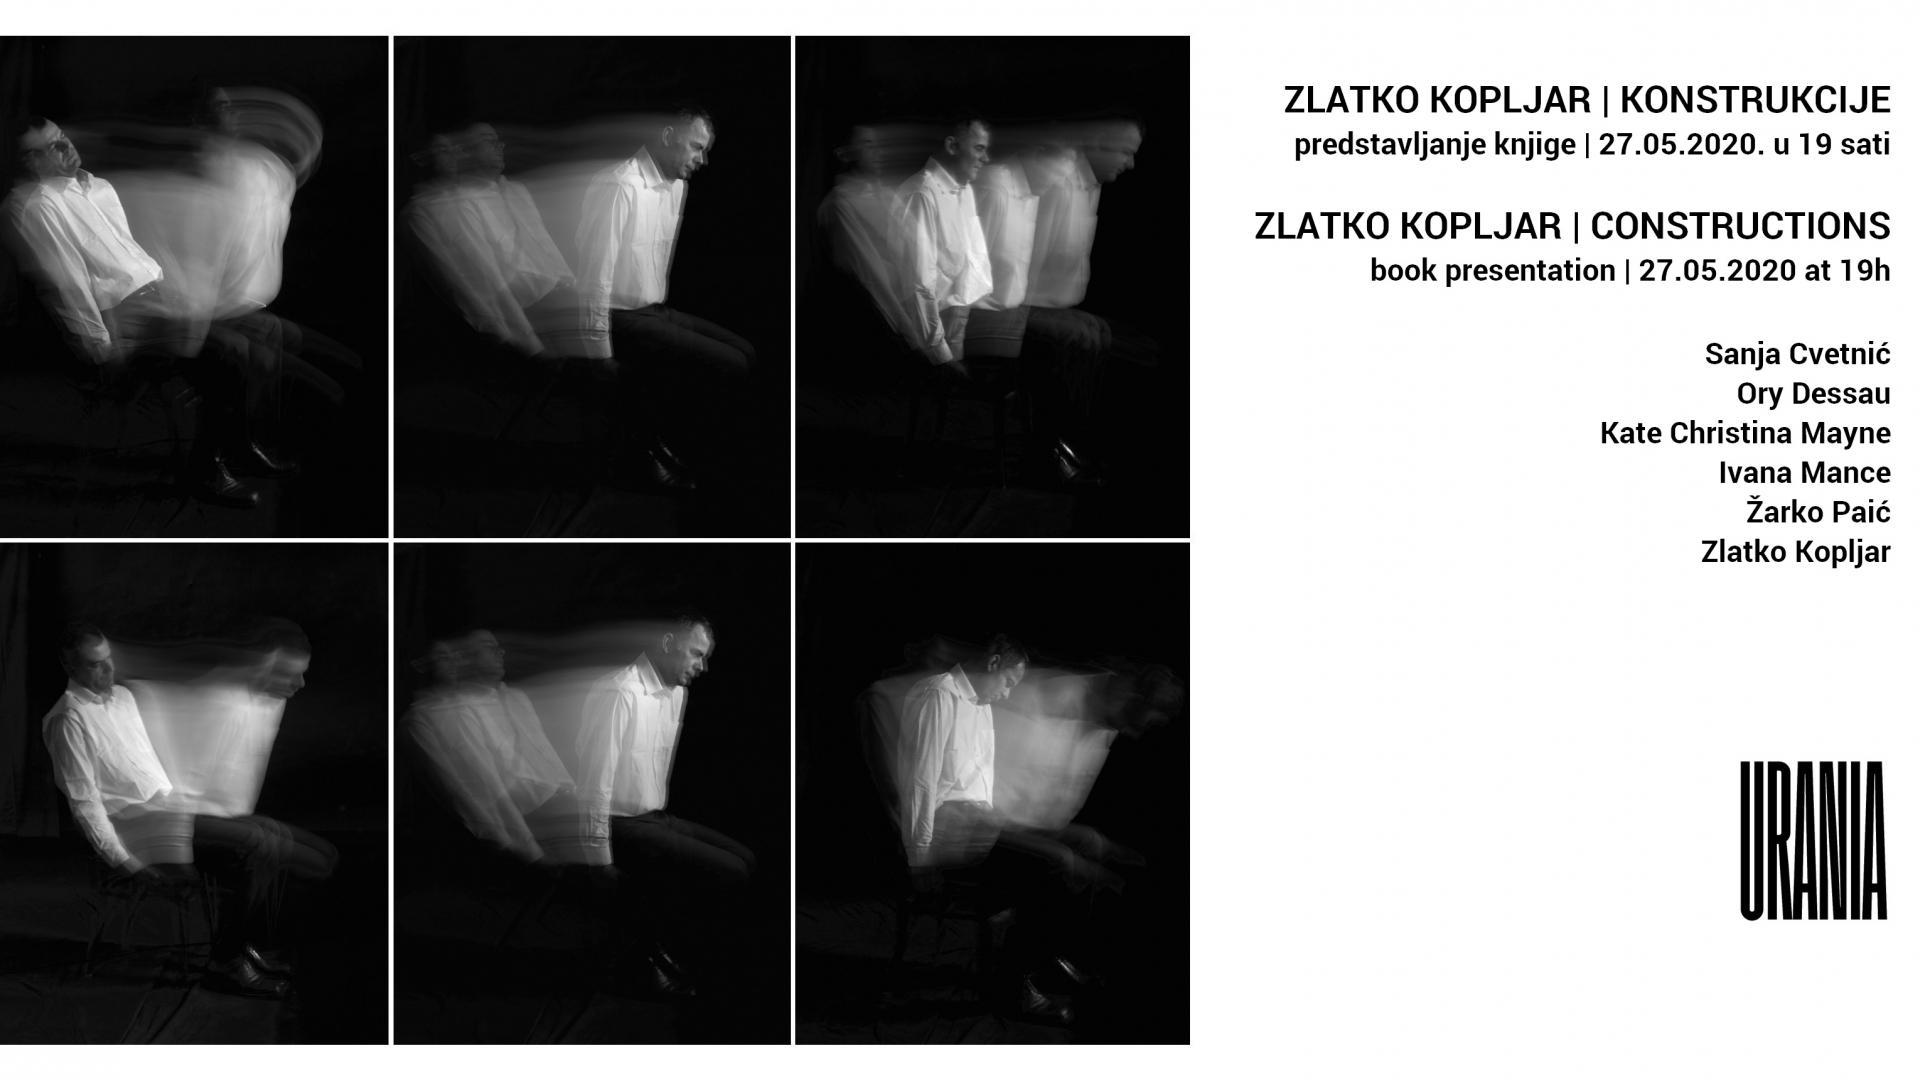 Konstrukcije, Zlatko Kopljar | Predstavljanje knjige u Uraniji | 27.05.2020. u 19h, online/live stream (PRESS)